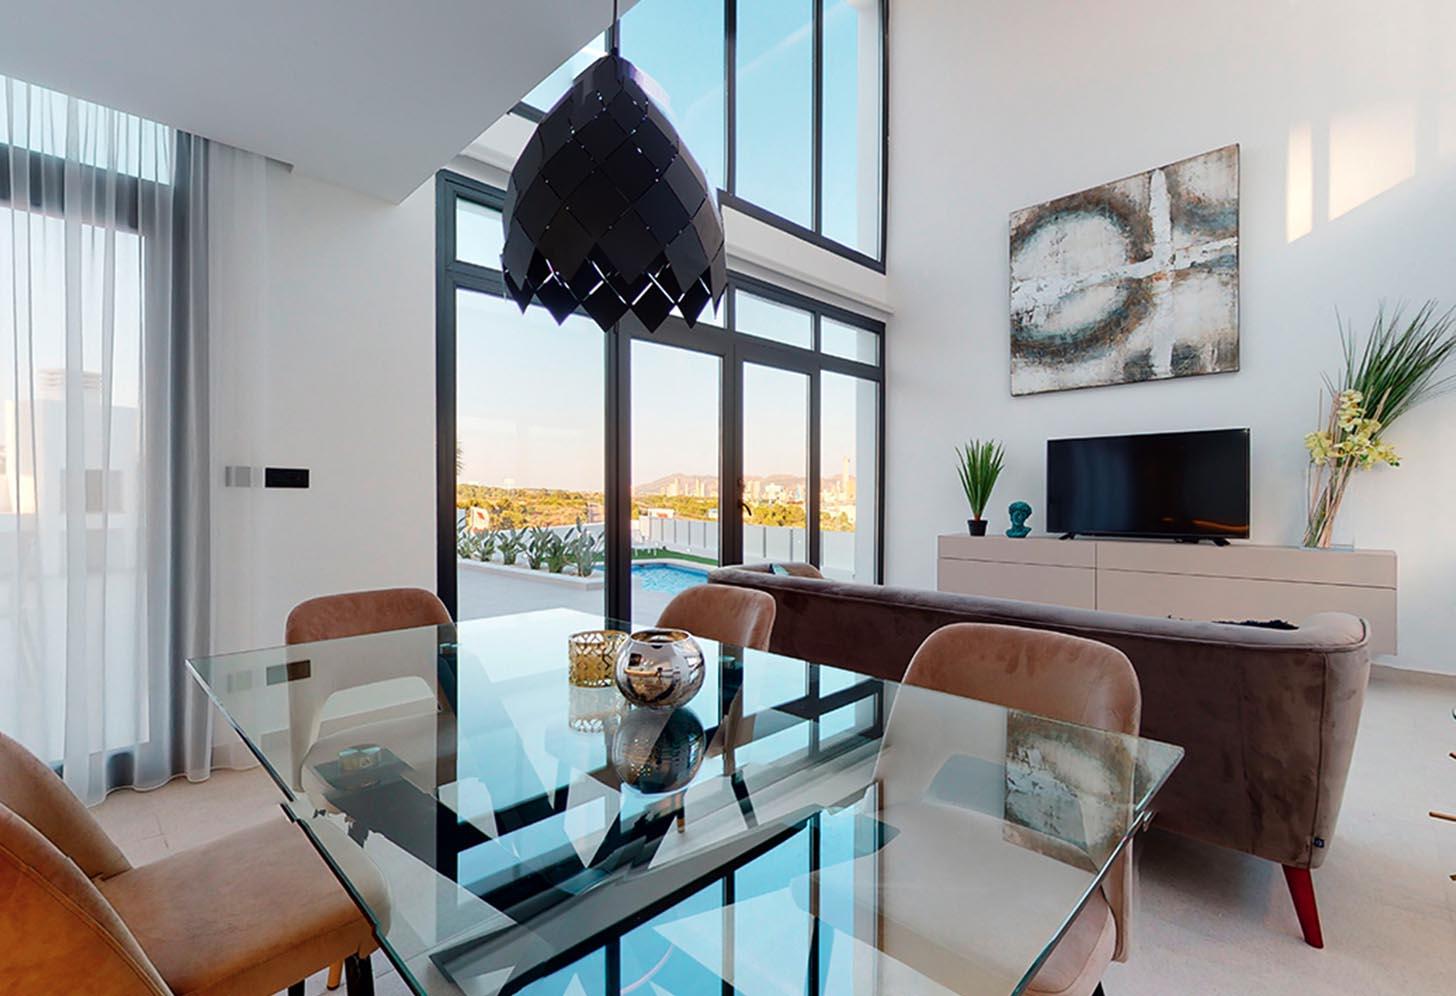 immobilier neuf espagne costa blanca alicante salon finestrat